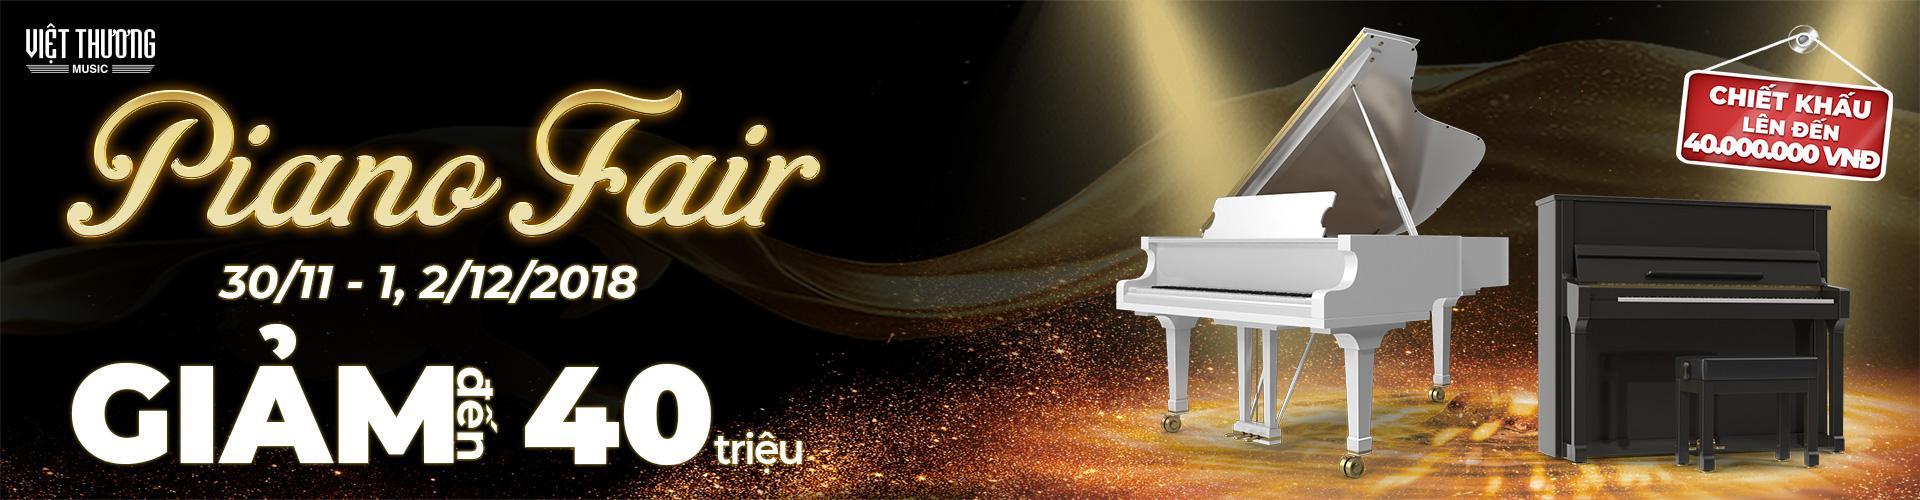 """Ưu đãi hấp dẫn chào đón sự kiện Piano Fair 2018 Đến với Hội chợ triển lãm Piano Fair 2018 từ ngày 30/11 – 2/12/2018, khách tham quan sẽ có cơ hội nhận nhiều quà tặng hấp dẫn từ chương trình và đặc biệt sẽ được hưởng ưu đãi rất lớn lên tới 40 triệu đồng khi mua các sản phẩm đàn piano cơ của những thương hiệu nổi tiếng trên thế giới. Tiếp nối sự thành công của Piano Fair 2017, Piano Fair năm nay sẽ diễn ra tại Gian 16-18, TTTM Royal City, 72A Nguyễn Trãi, Hà Nội. Sự kiện quy tụ nhiều thương hiệu piano hàng đầu thế giới như Kawai, Boston, Kohler & Campbell, Samick, Essex,…, hứa hẹn sẽ mang đến niềm cảm hứng mới và đáp ứng nhu cầu thưởng thức của các tín đồ yêu âm nhạc. Với mục đích mang đến cho khách hàng nhiều sự lựa chọn hơn trong nhu cầu mua sắm đàn piano, Việt Thương sẽ mang đến cho những người yêu thích piano cơ hội sở hữu những sản phẩm mơ ước từ lâu với giá chiết khấu cực hấp dẫn. Từ ngày 28/11 đến ngày 9/12/2018, khách hàng trên toàn quốc sẽ được mua những sản phẩm piano cơ với mức ưu đãi khủng: đàn piano grand giảm tới 40 triệu đồng/cây trong khi đàn piano upright cũng giảm lên tới 20 triệu đồng/cây. Đến với sự kiện này, Việt Thương Music không chỉ muốn khách tham quan có dịp được trải nghiệm các sản phẩm đàn piano mới nhất và cao cấp nhất, mà quan trọng hơn chính là thể hiện được mối liên hệ giữa con người và âm nhạc thông qua không gian trưng bày được sắp xếp độc đáo và ấn tượng. Với Việt Thương Music, nhạc cụ không đơn thuần là phương tiện để trình diễn, mối liên kết giữa chúng với chủ nhân phải đặc biệt hơn thế, nhất là khả năng khơi dậy và truyền nguồn cảm hứng cho người chơi. Triển lãm Piano Fair 2018 không chỉ là cơ hội để khách tham dự mãn nhãn với đại tiệc âm nhạc hoành tráng mà còn trải nghiệm không khí lễ hội với nhiều hoạt động tương tác từ Ban tổ chức. Các khách hàng tham dự Piano Fair 2018 vào 3 ngày diễn ra sự kiện 30/11, 1&2/12 sẽ còn được nhận thêm rất nhiều ưu đãi và phần quà hấp dẫn khác. Đặc biệt, đây chính là cơ hội tuyệt vời để bạn """"săn h"""